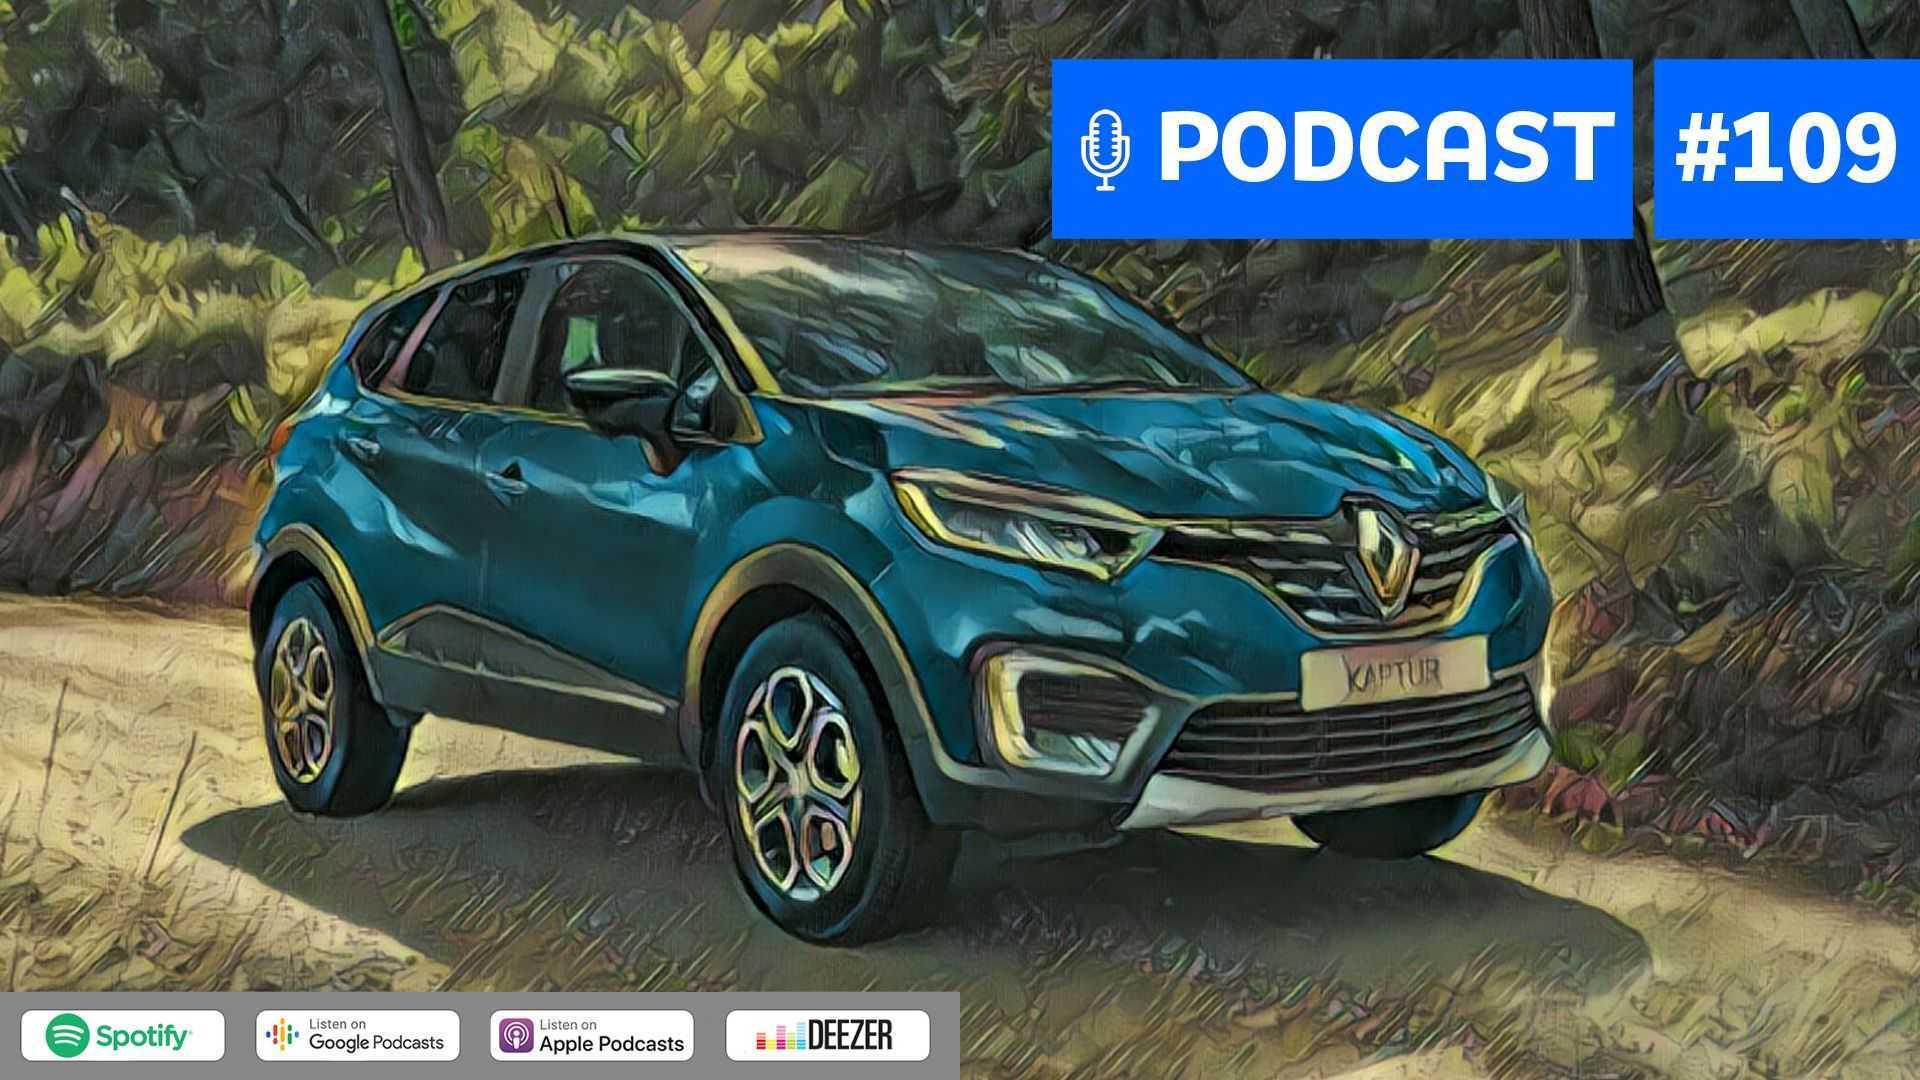 Motor1.com Podcast #109: A renovação da Renault no Brasil até 2022